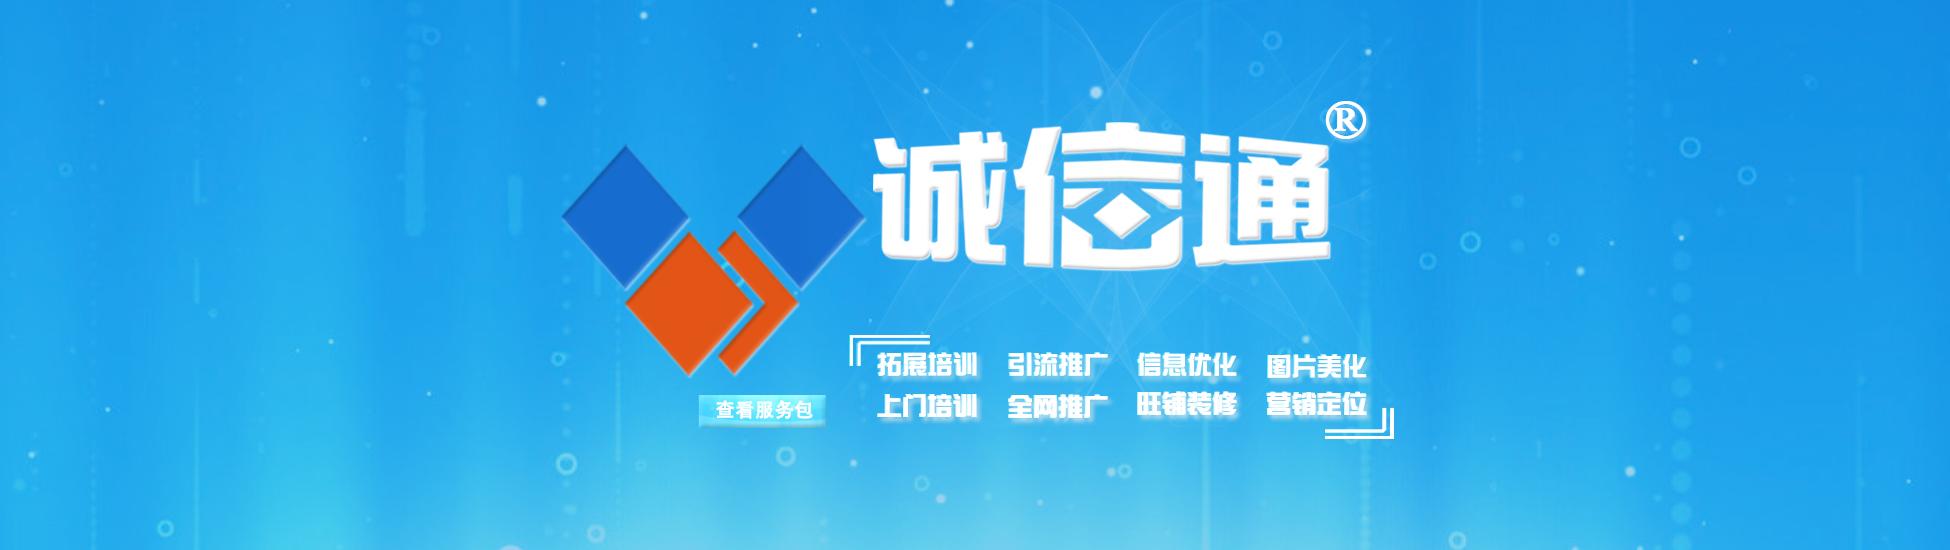 广东博盛科技有限公司诚信通海报图